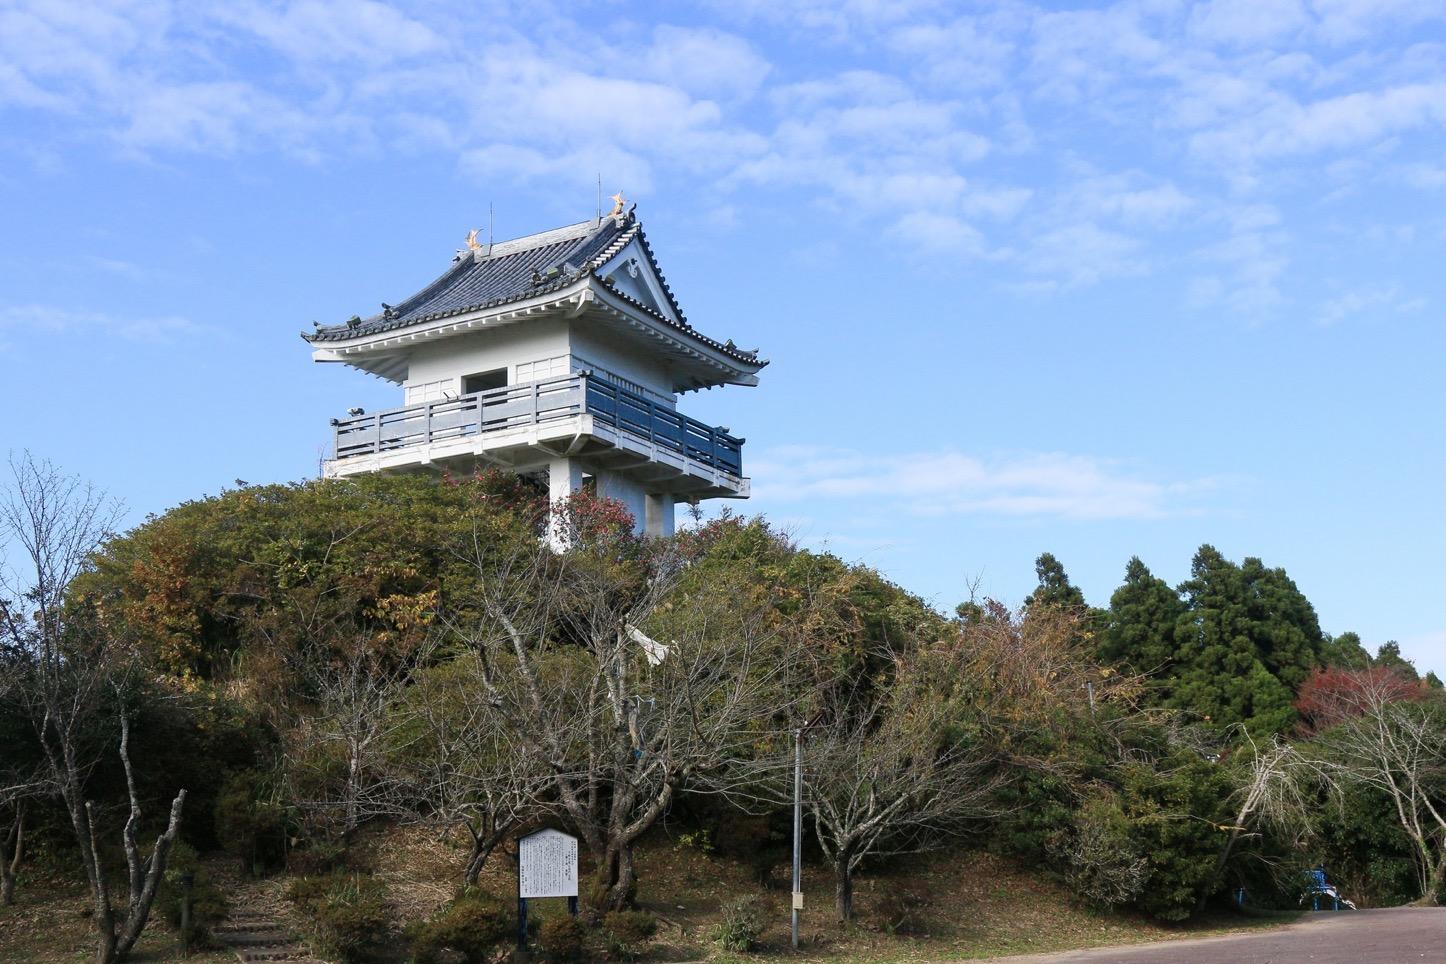 千葉県いすみ市の観光写真素材